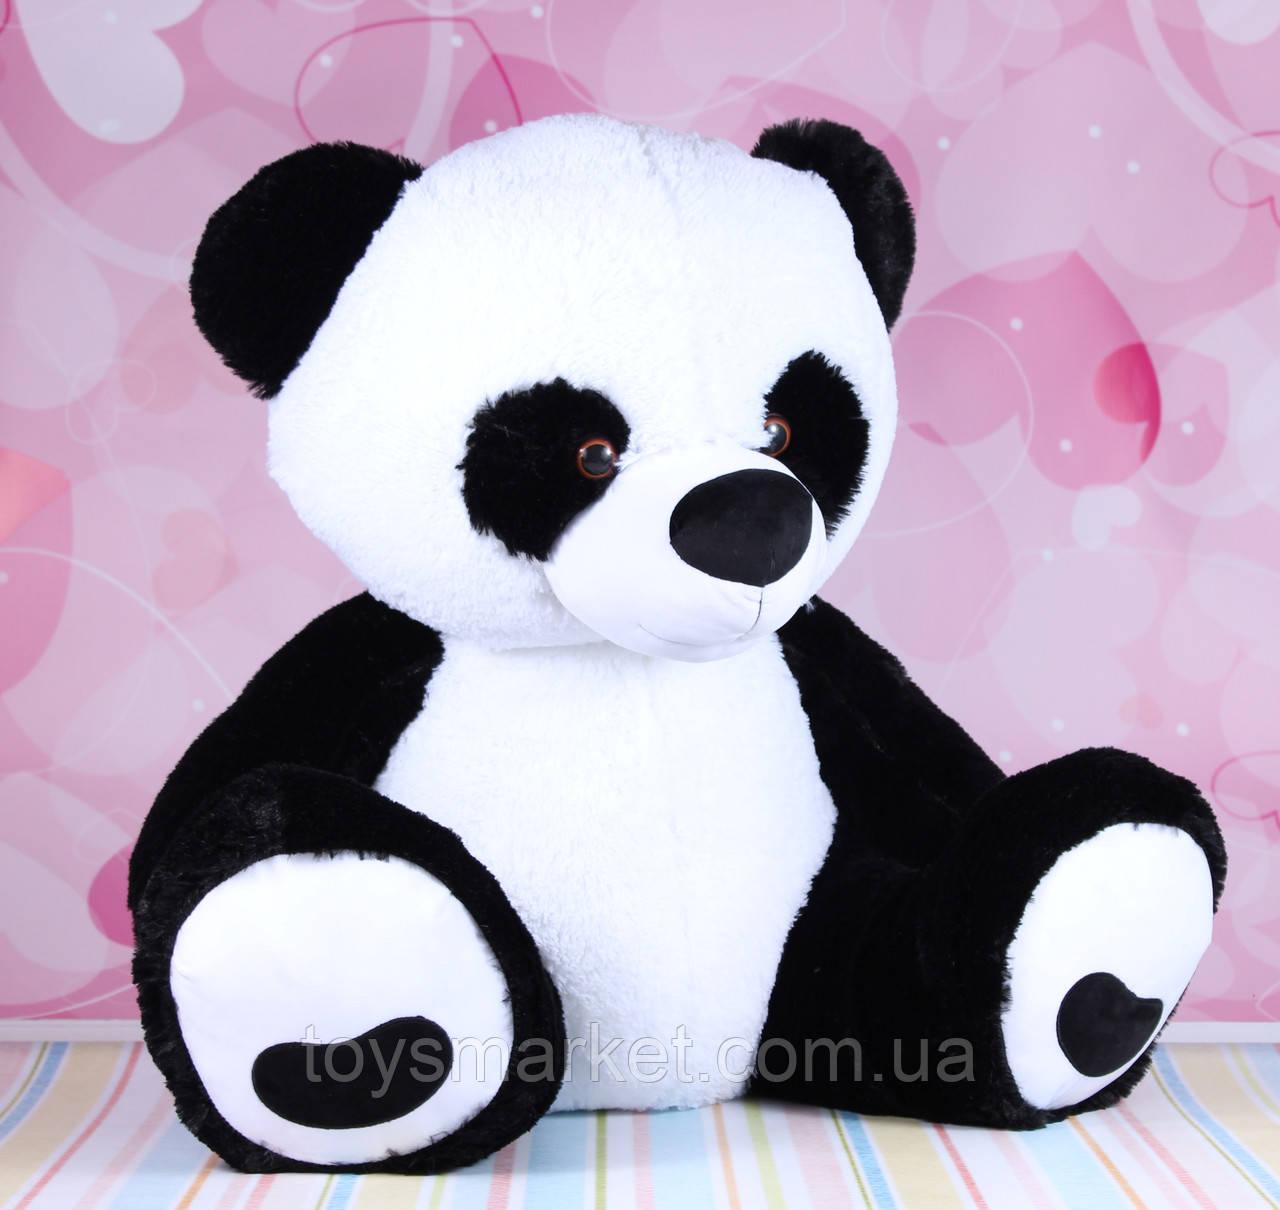 Плюшевий ведмідь Панда №5